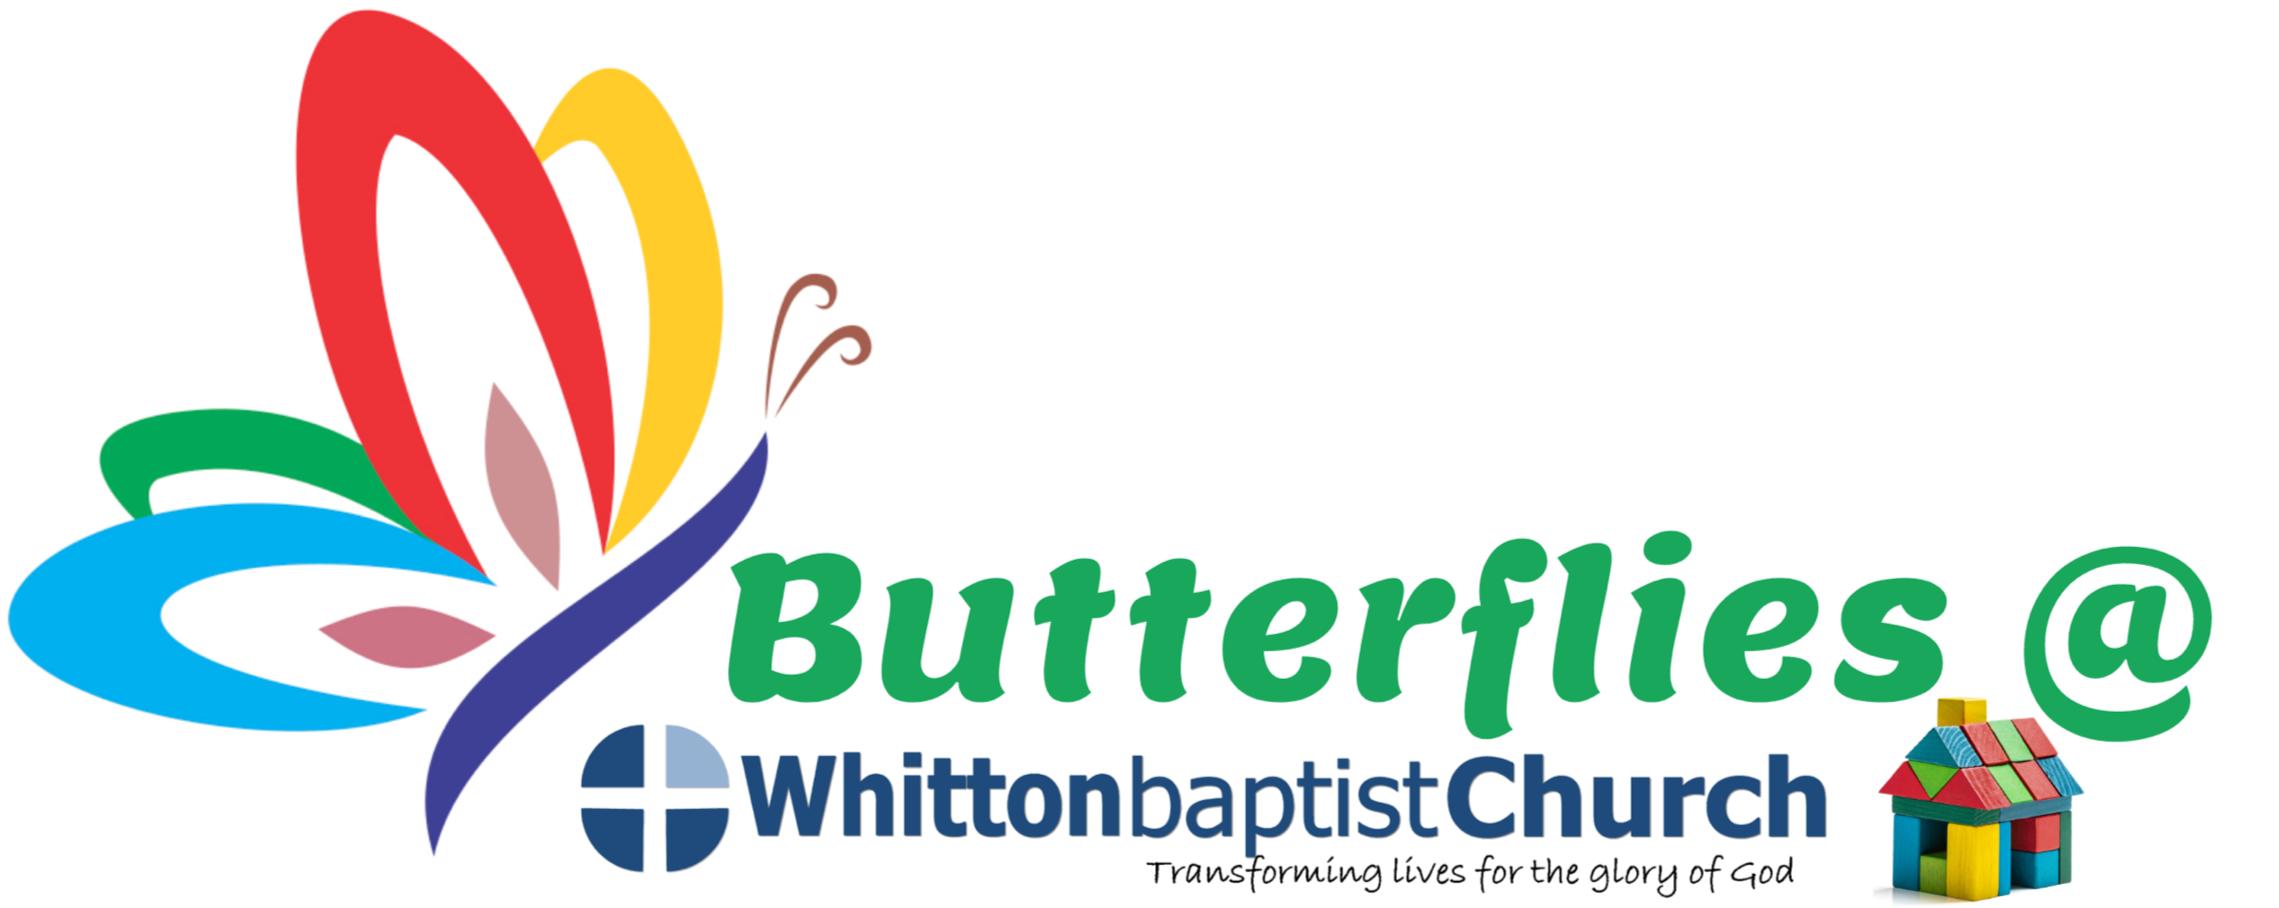 Butterflies's logo